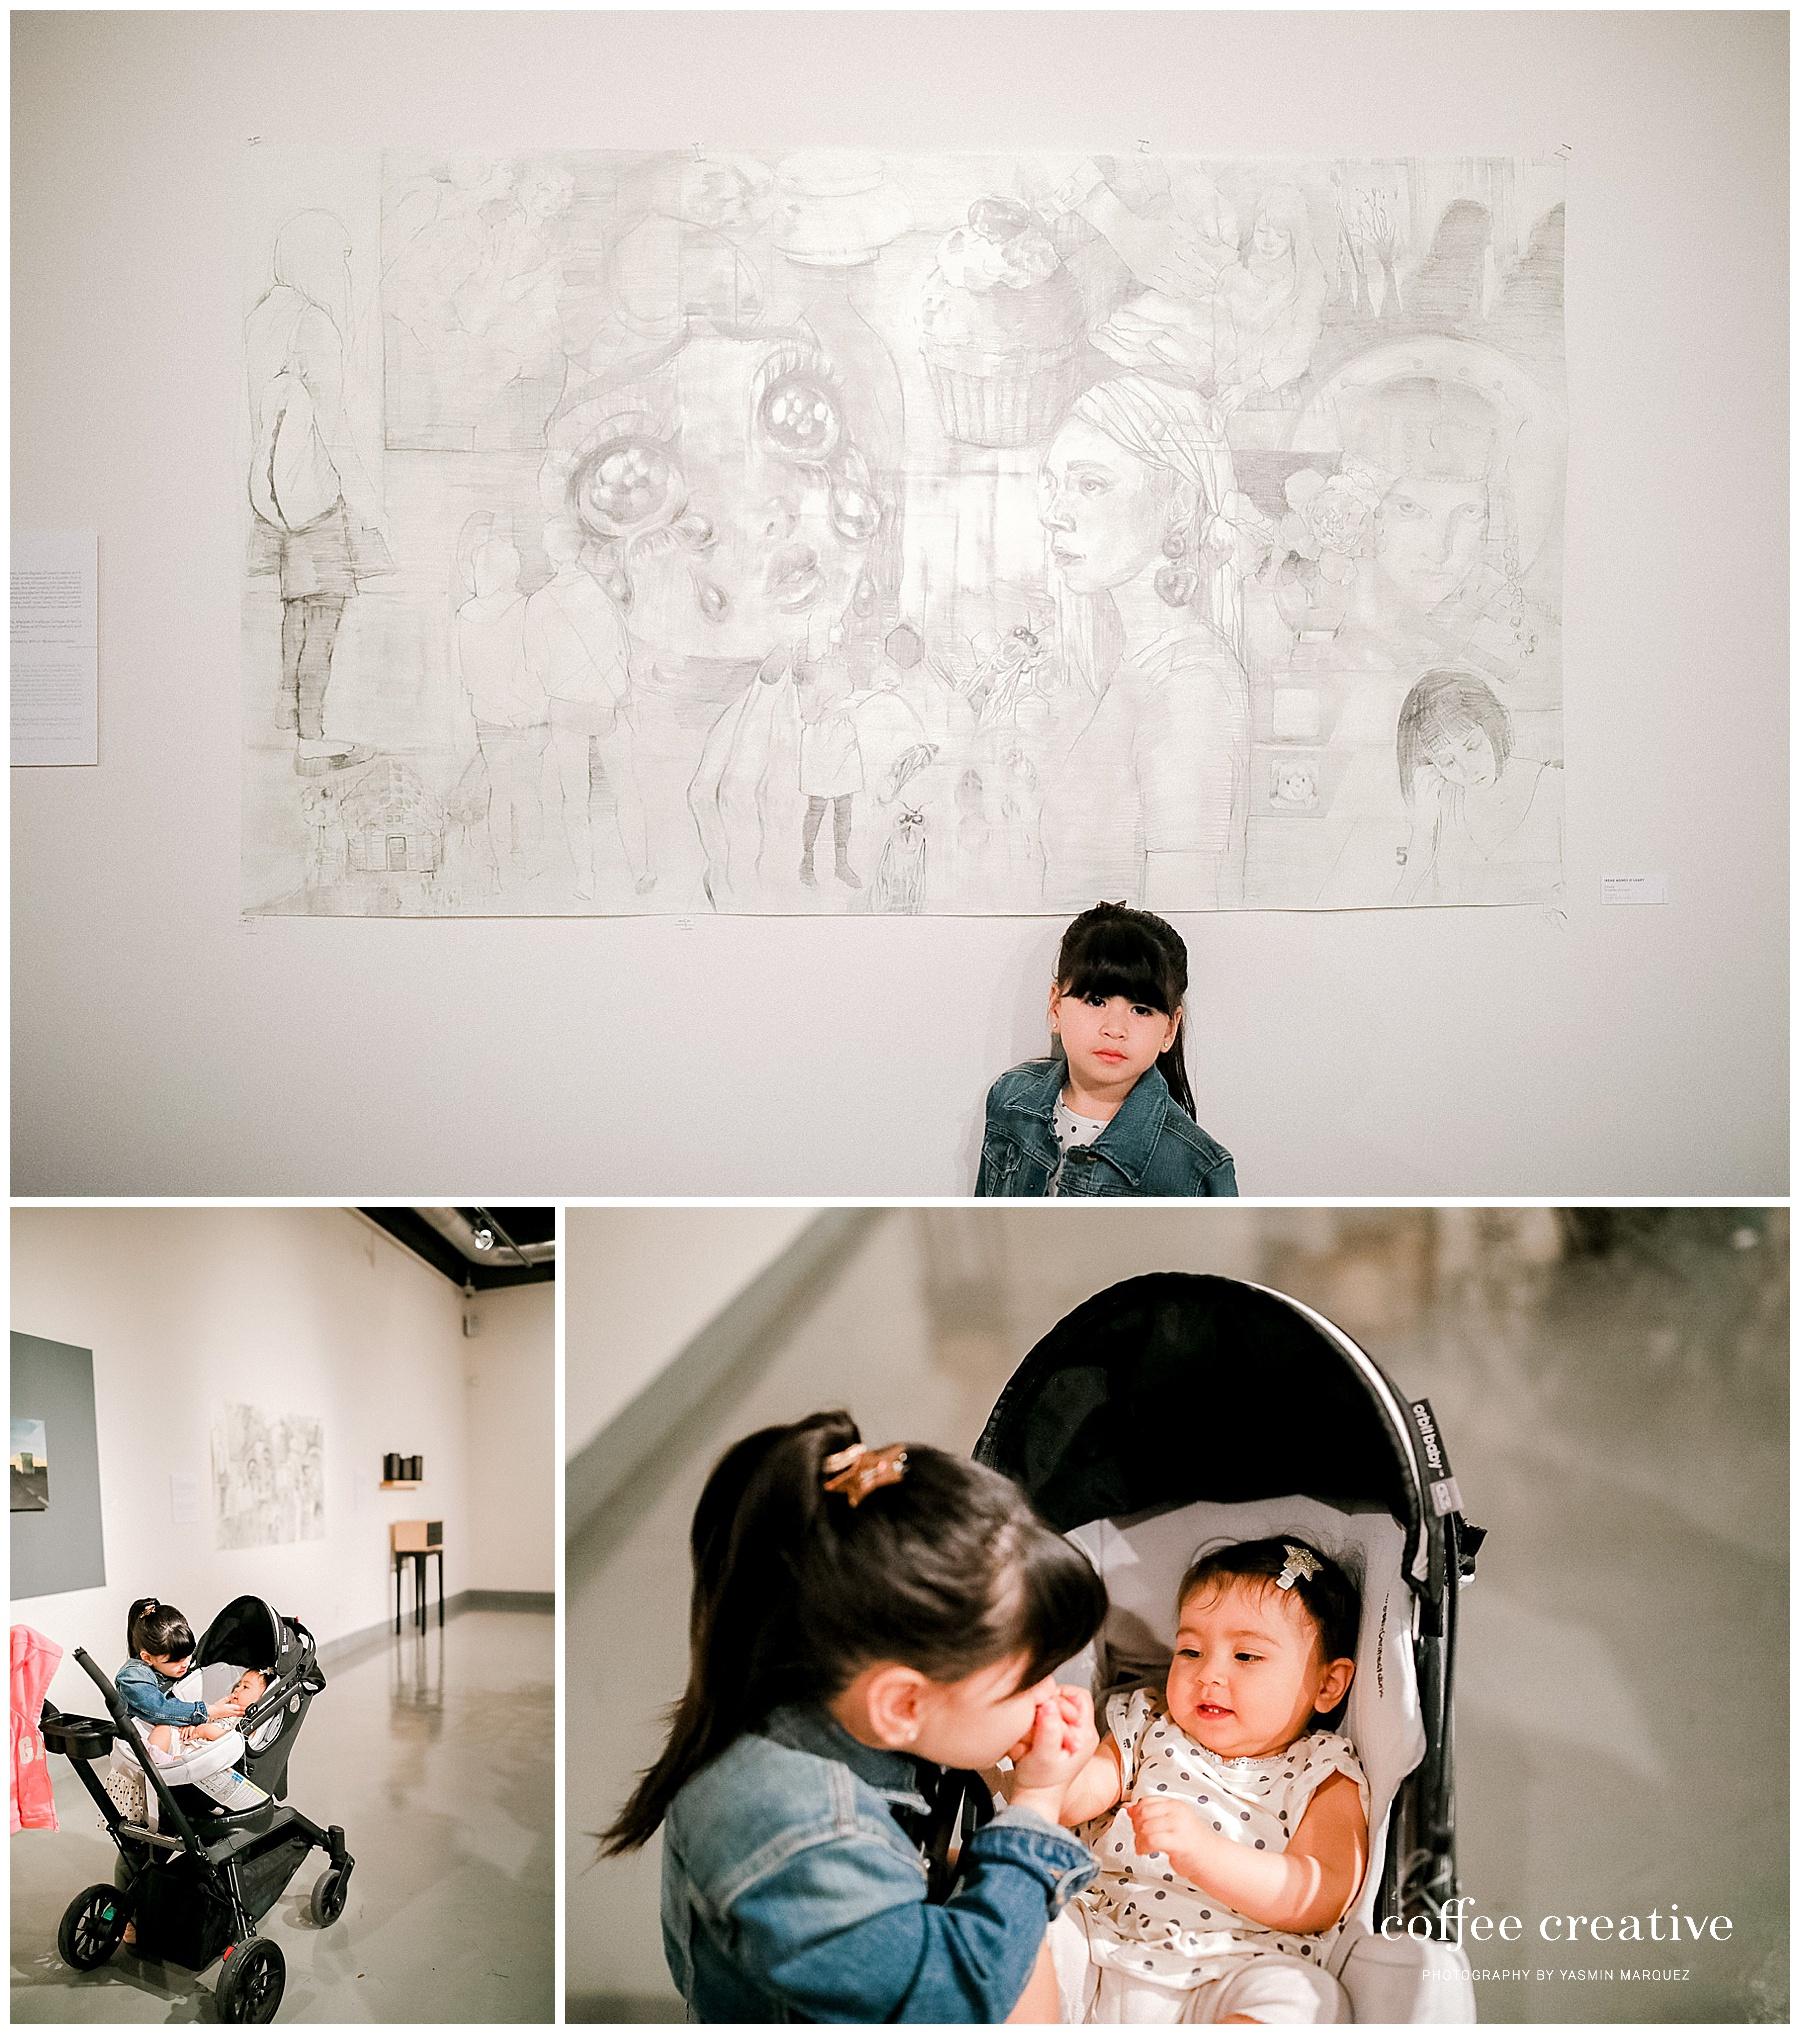 Kids Activities in El Paso, Art museum in el paso, fun things in el paso, el paso art